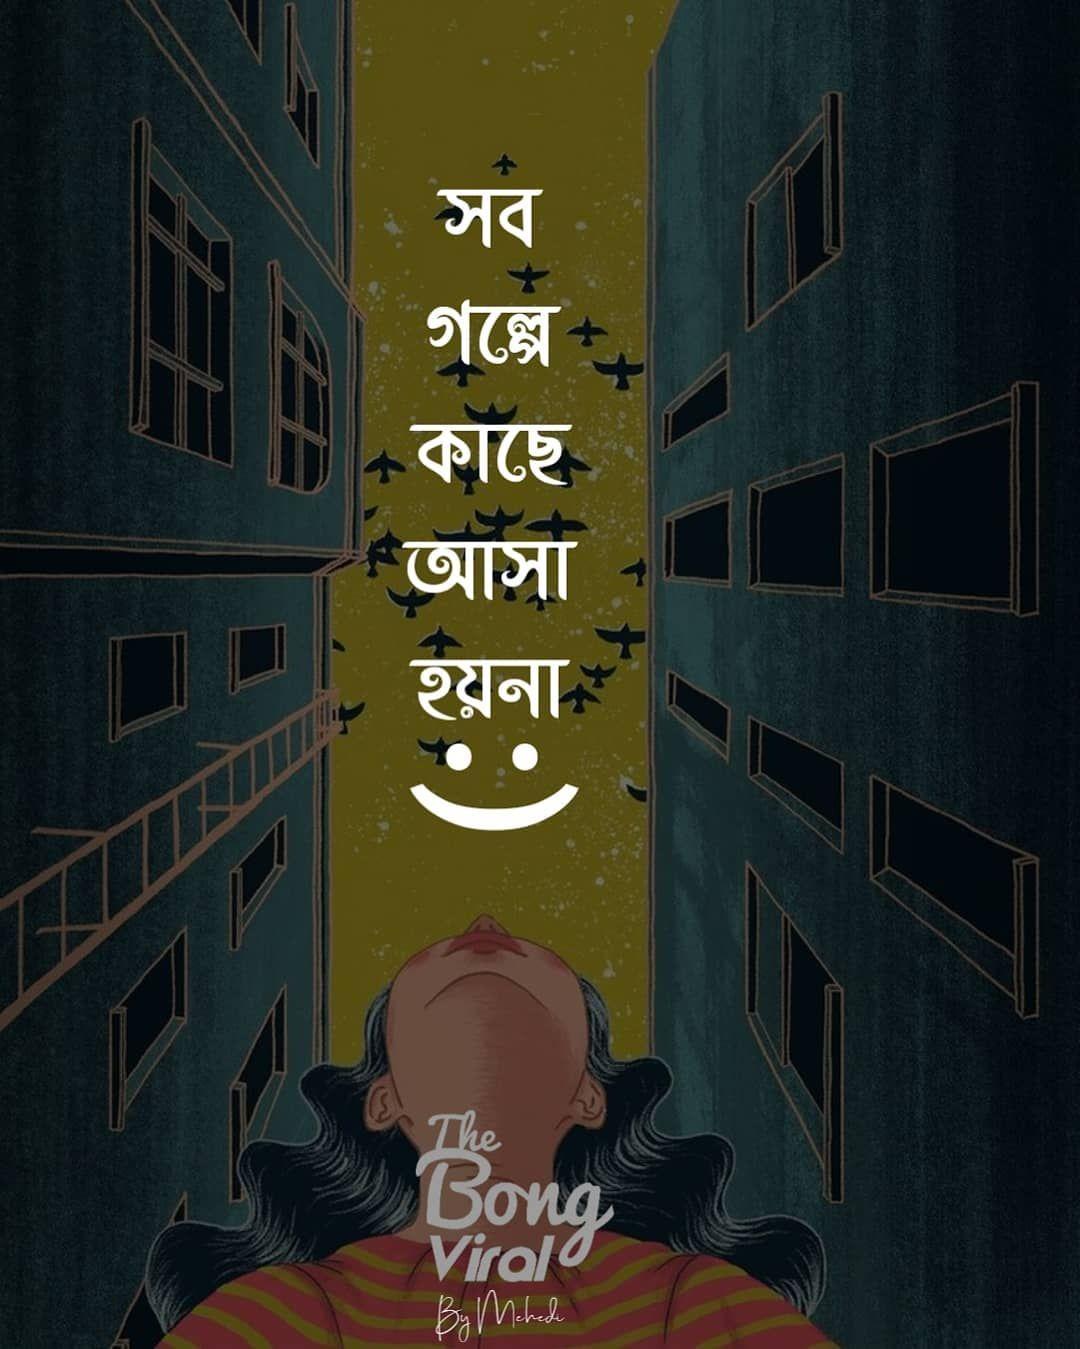 সব গল্পে কাছে আসা হয়না। bangla quotes bangla